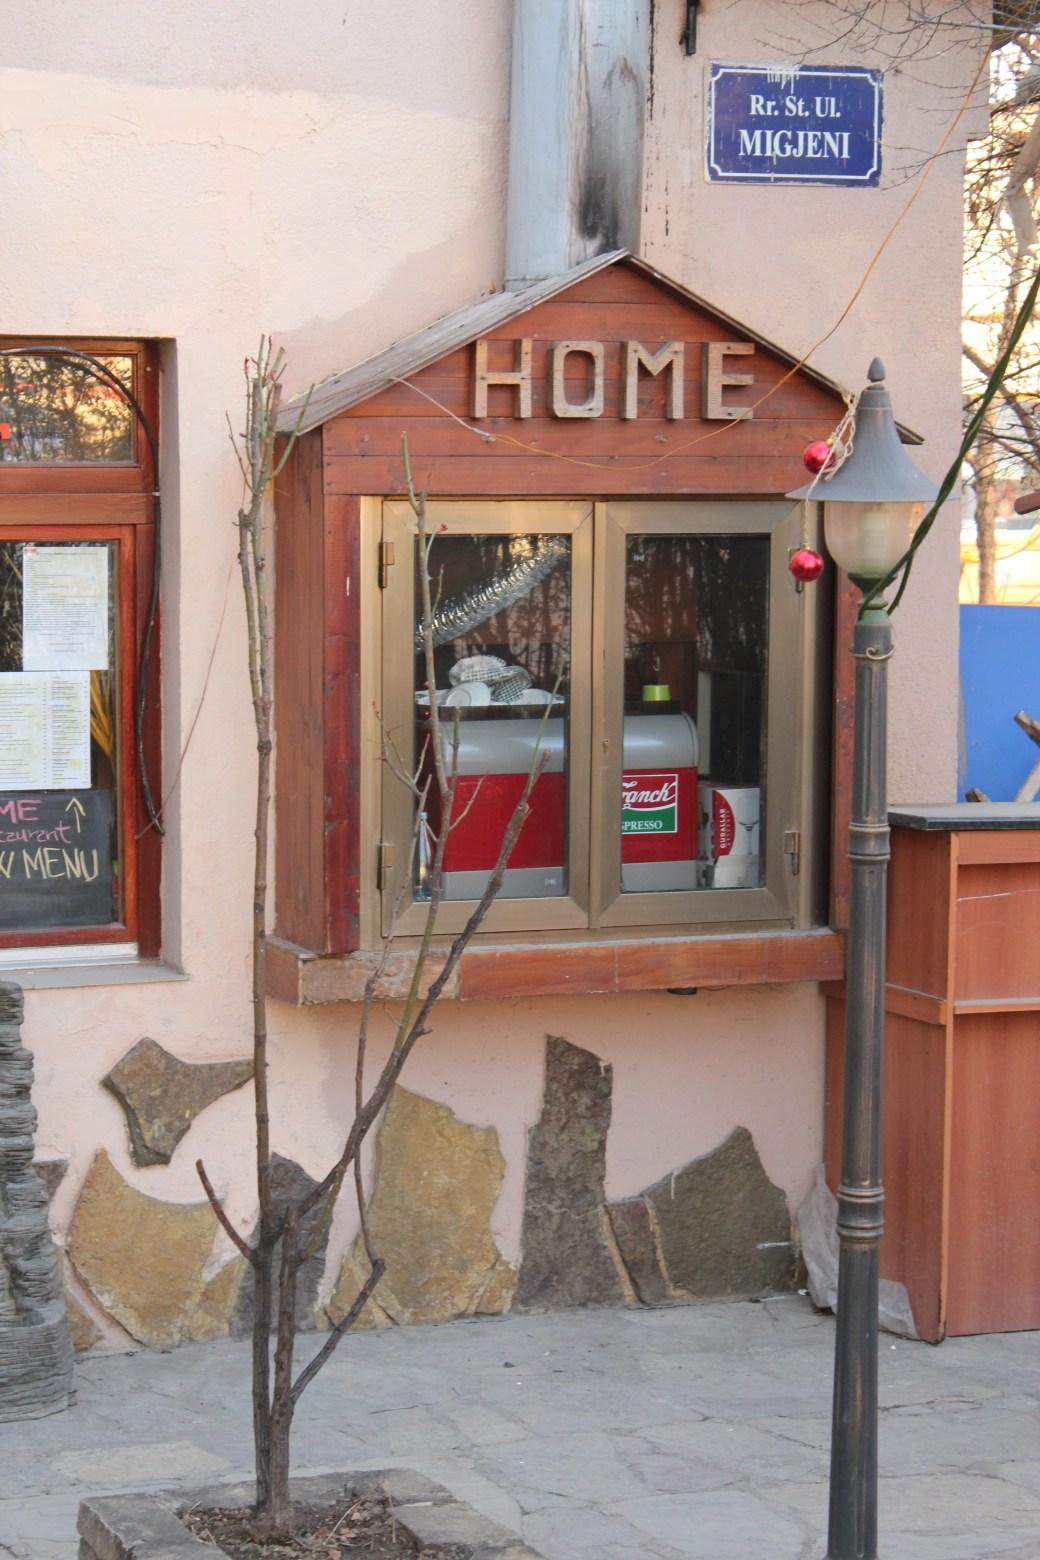 Home Restaurant; Pristina, Kosovo; 2013